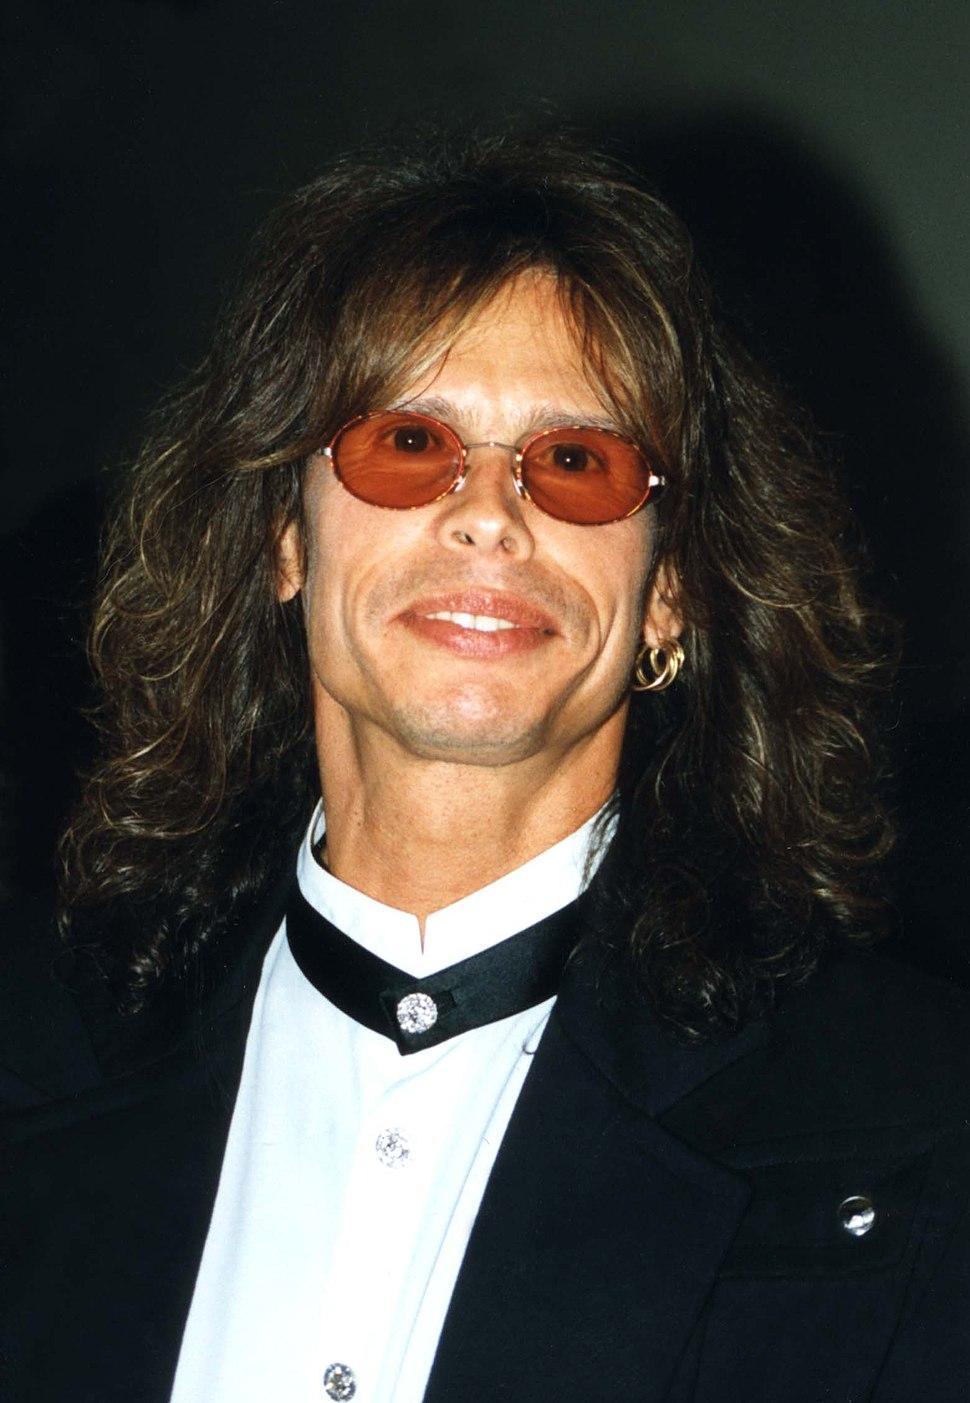 Steven Tyler 1996